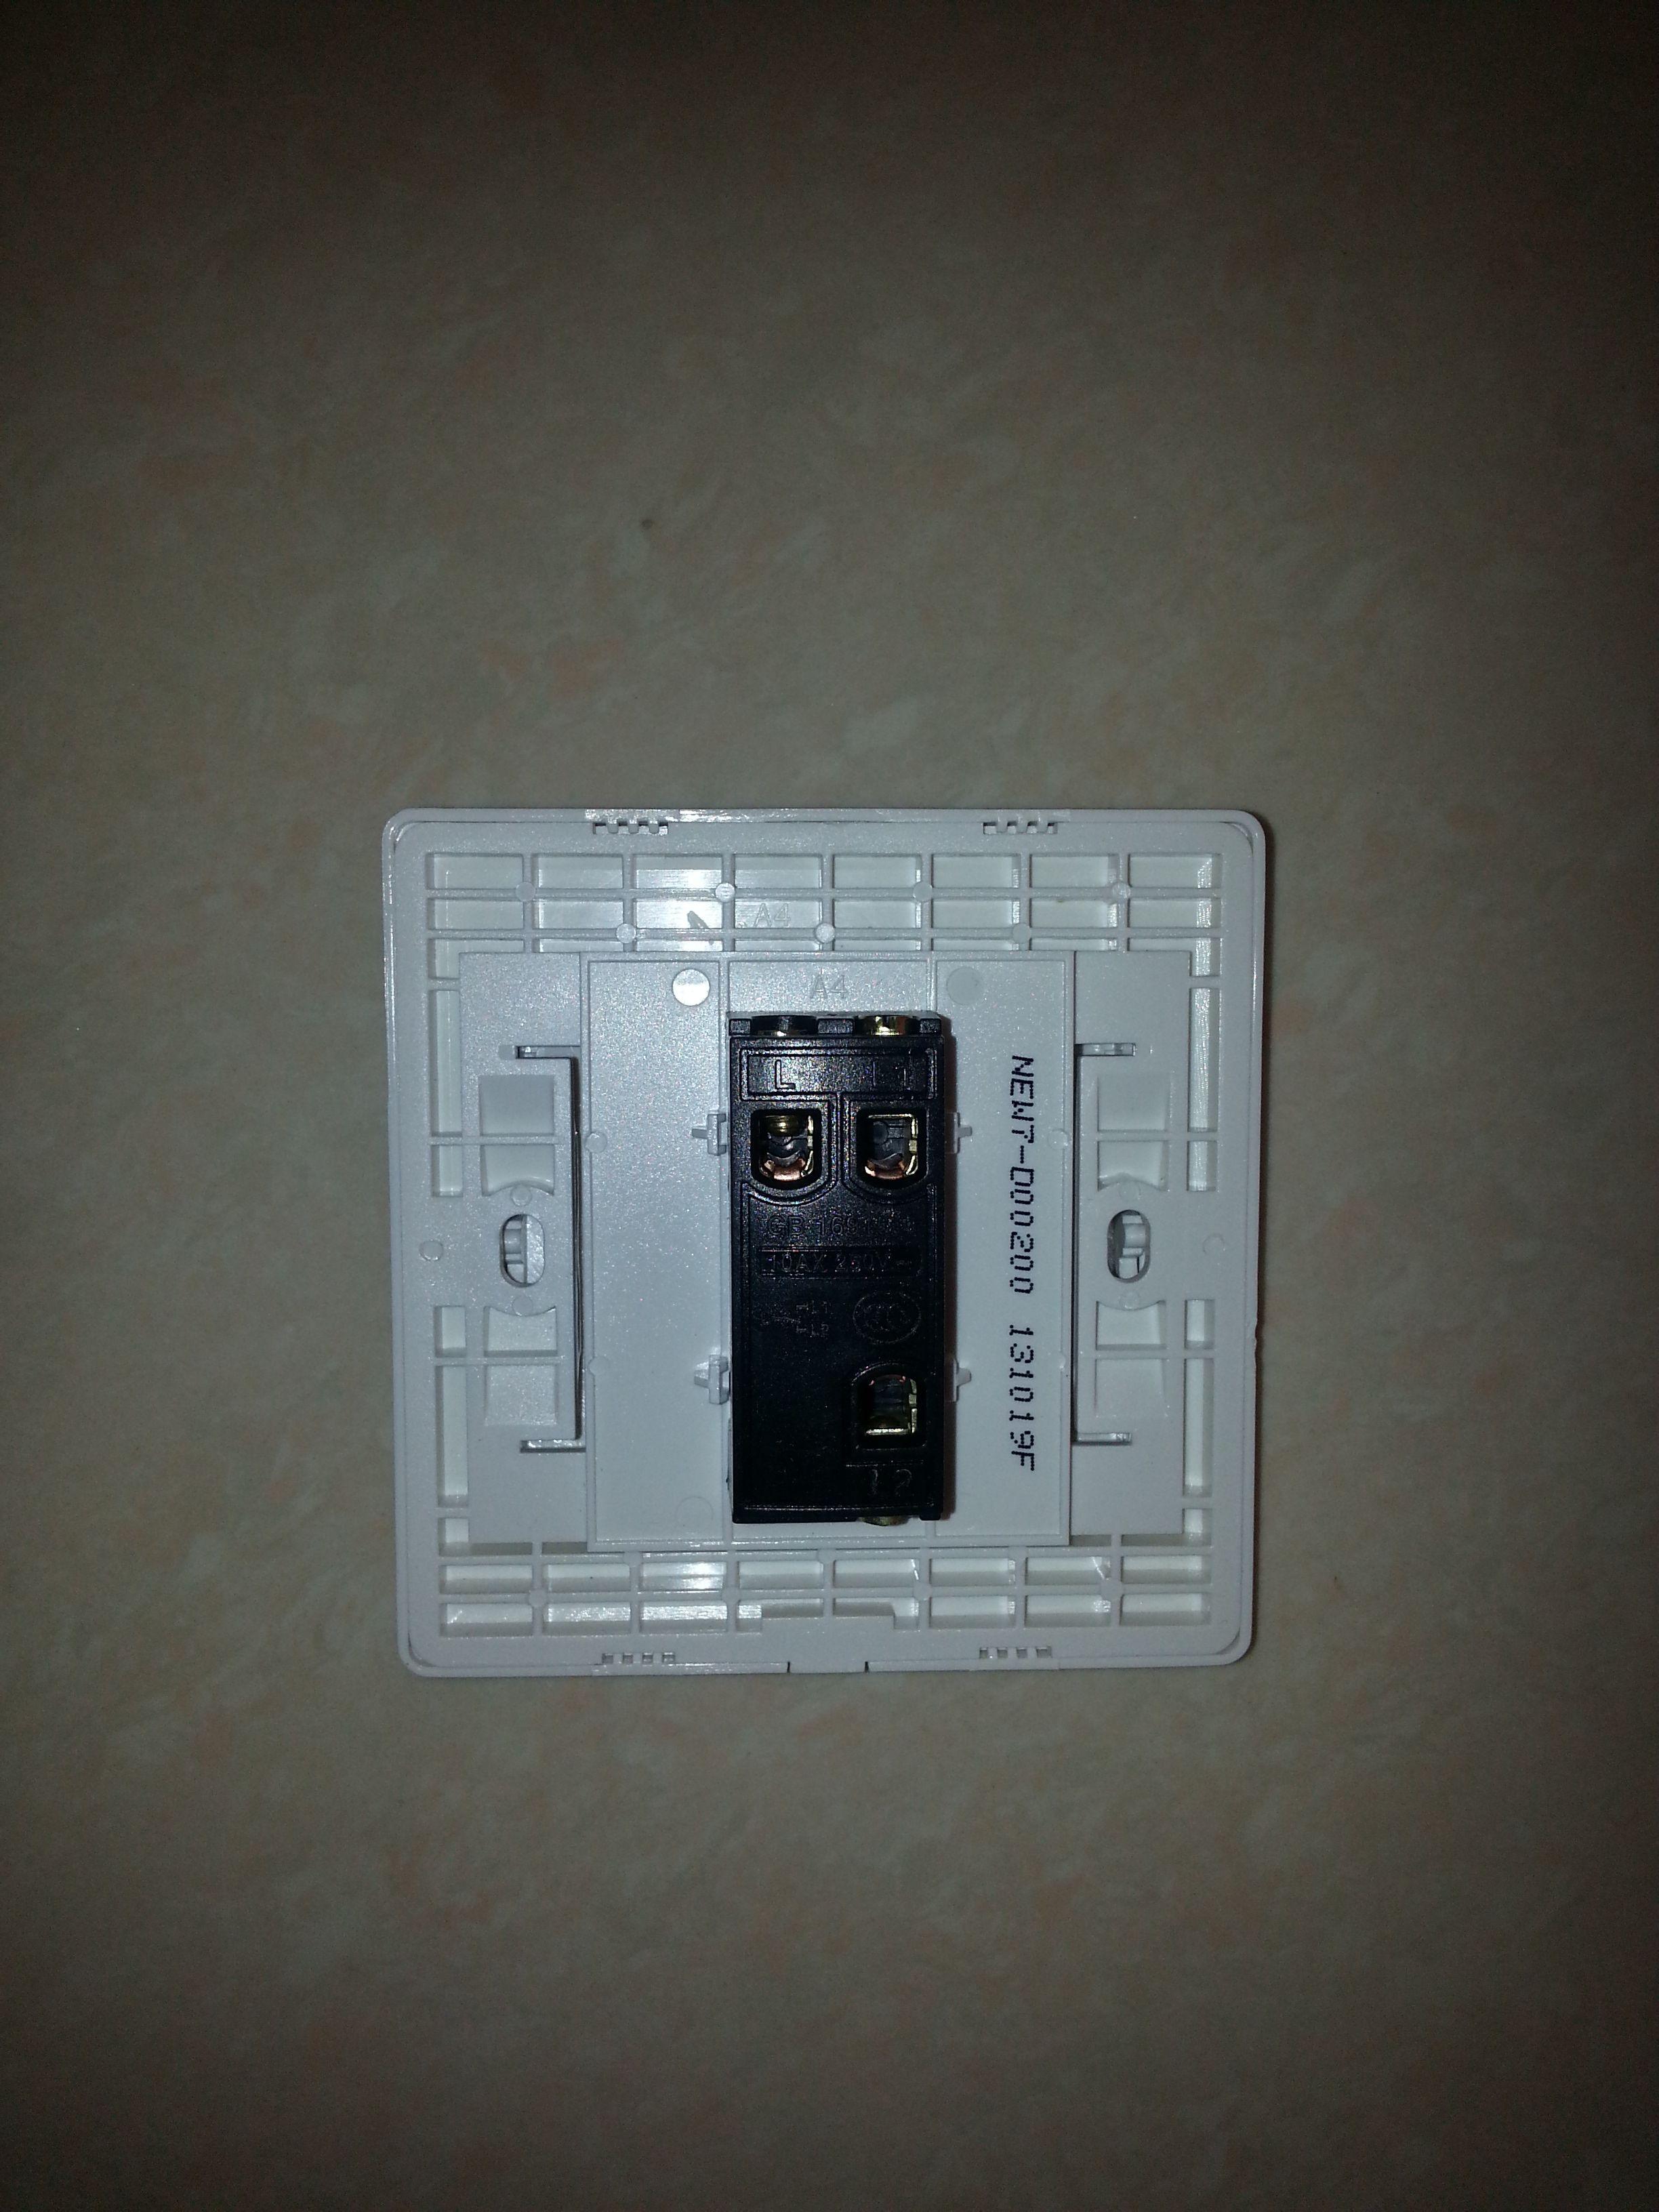 求助,请问这个开关插座该如何接线?